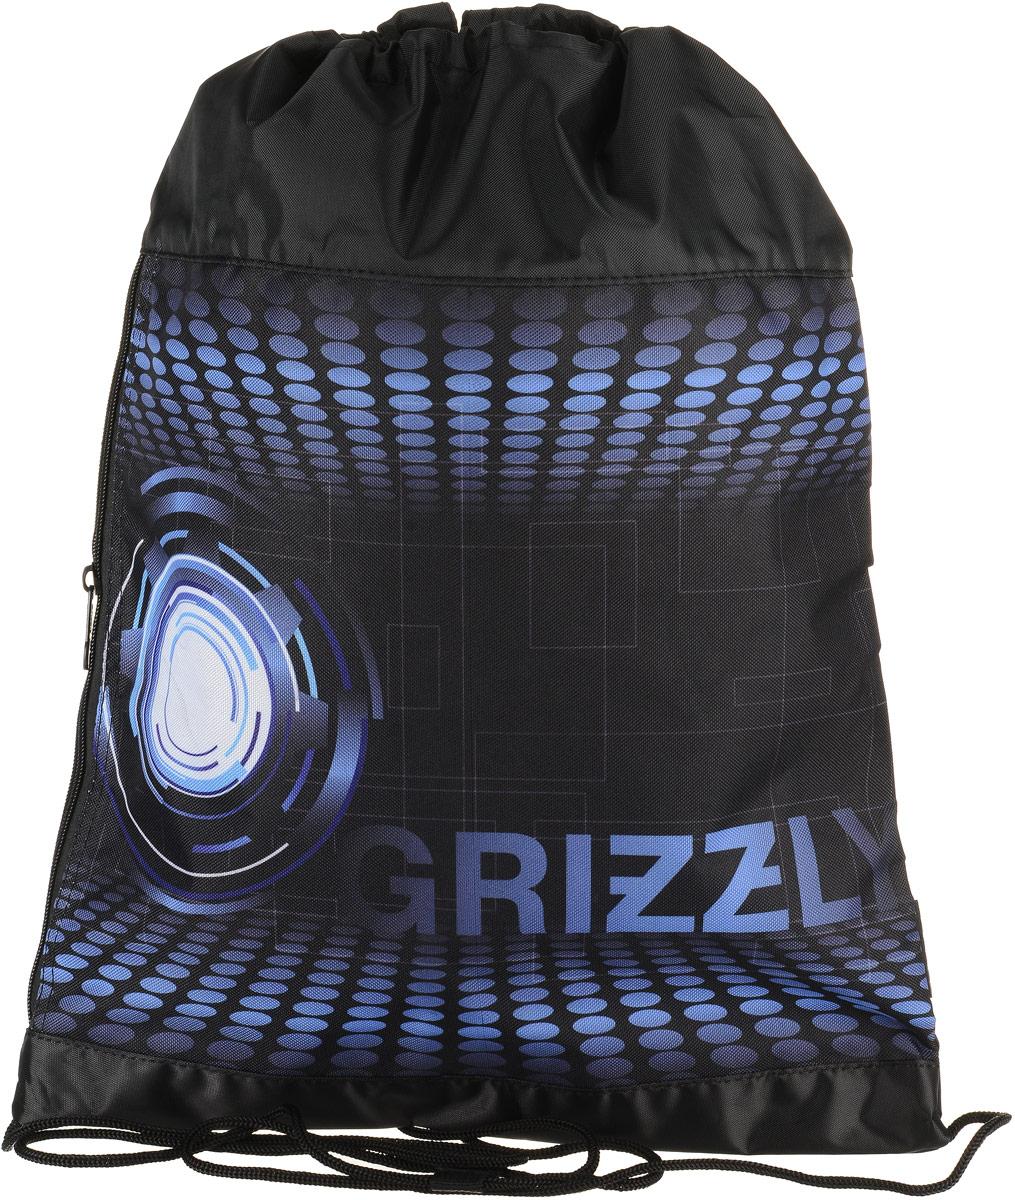 Сумка для сменной обуви и одежды Grizzly, цвет: темно-синий. OM-792-3/3OM-792-3/3Рюкзак-мешок для обуви с одним отделением и карманом на молнии, верх мешка стягивается шнуром в кулиске, который является еще и лямками, с ручкой-петлей